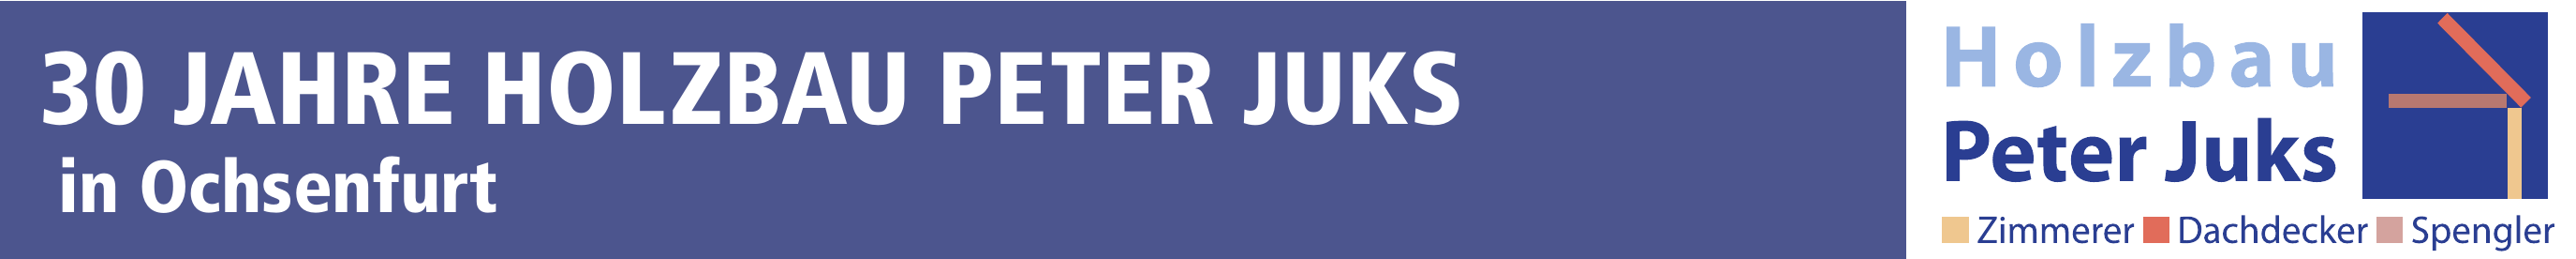 Seit drei Jahrzehnten steht der Name Holzbau Juks für Qualität Image 1